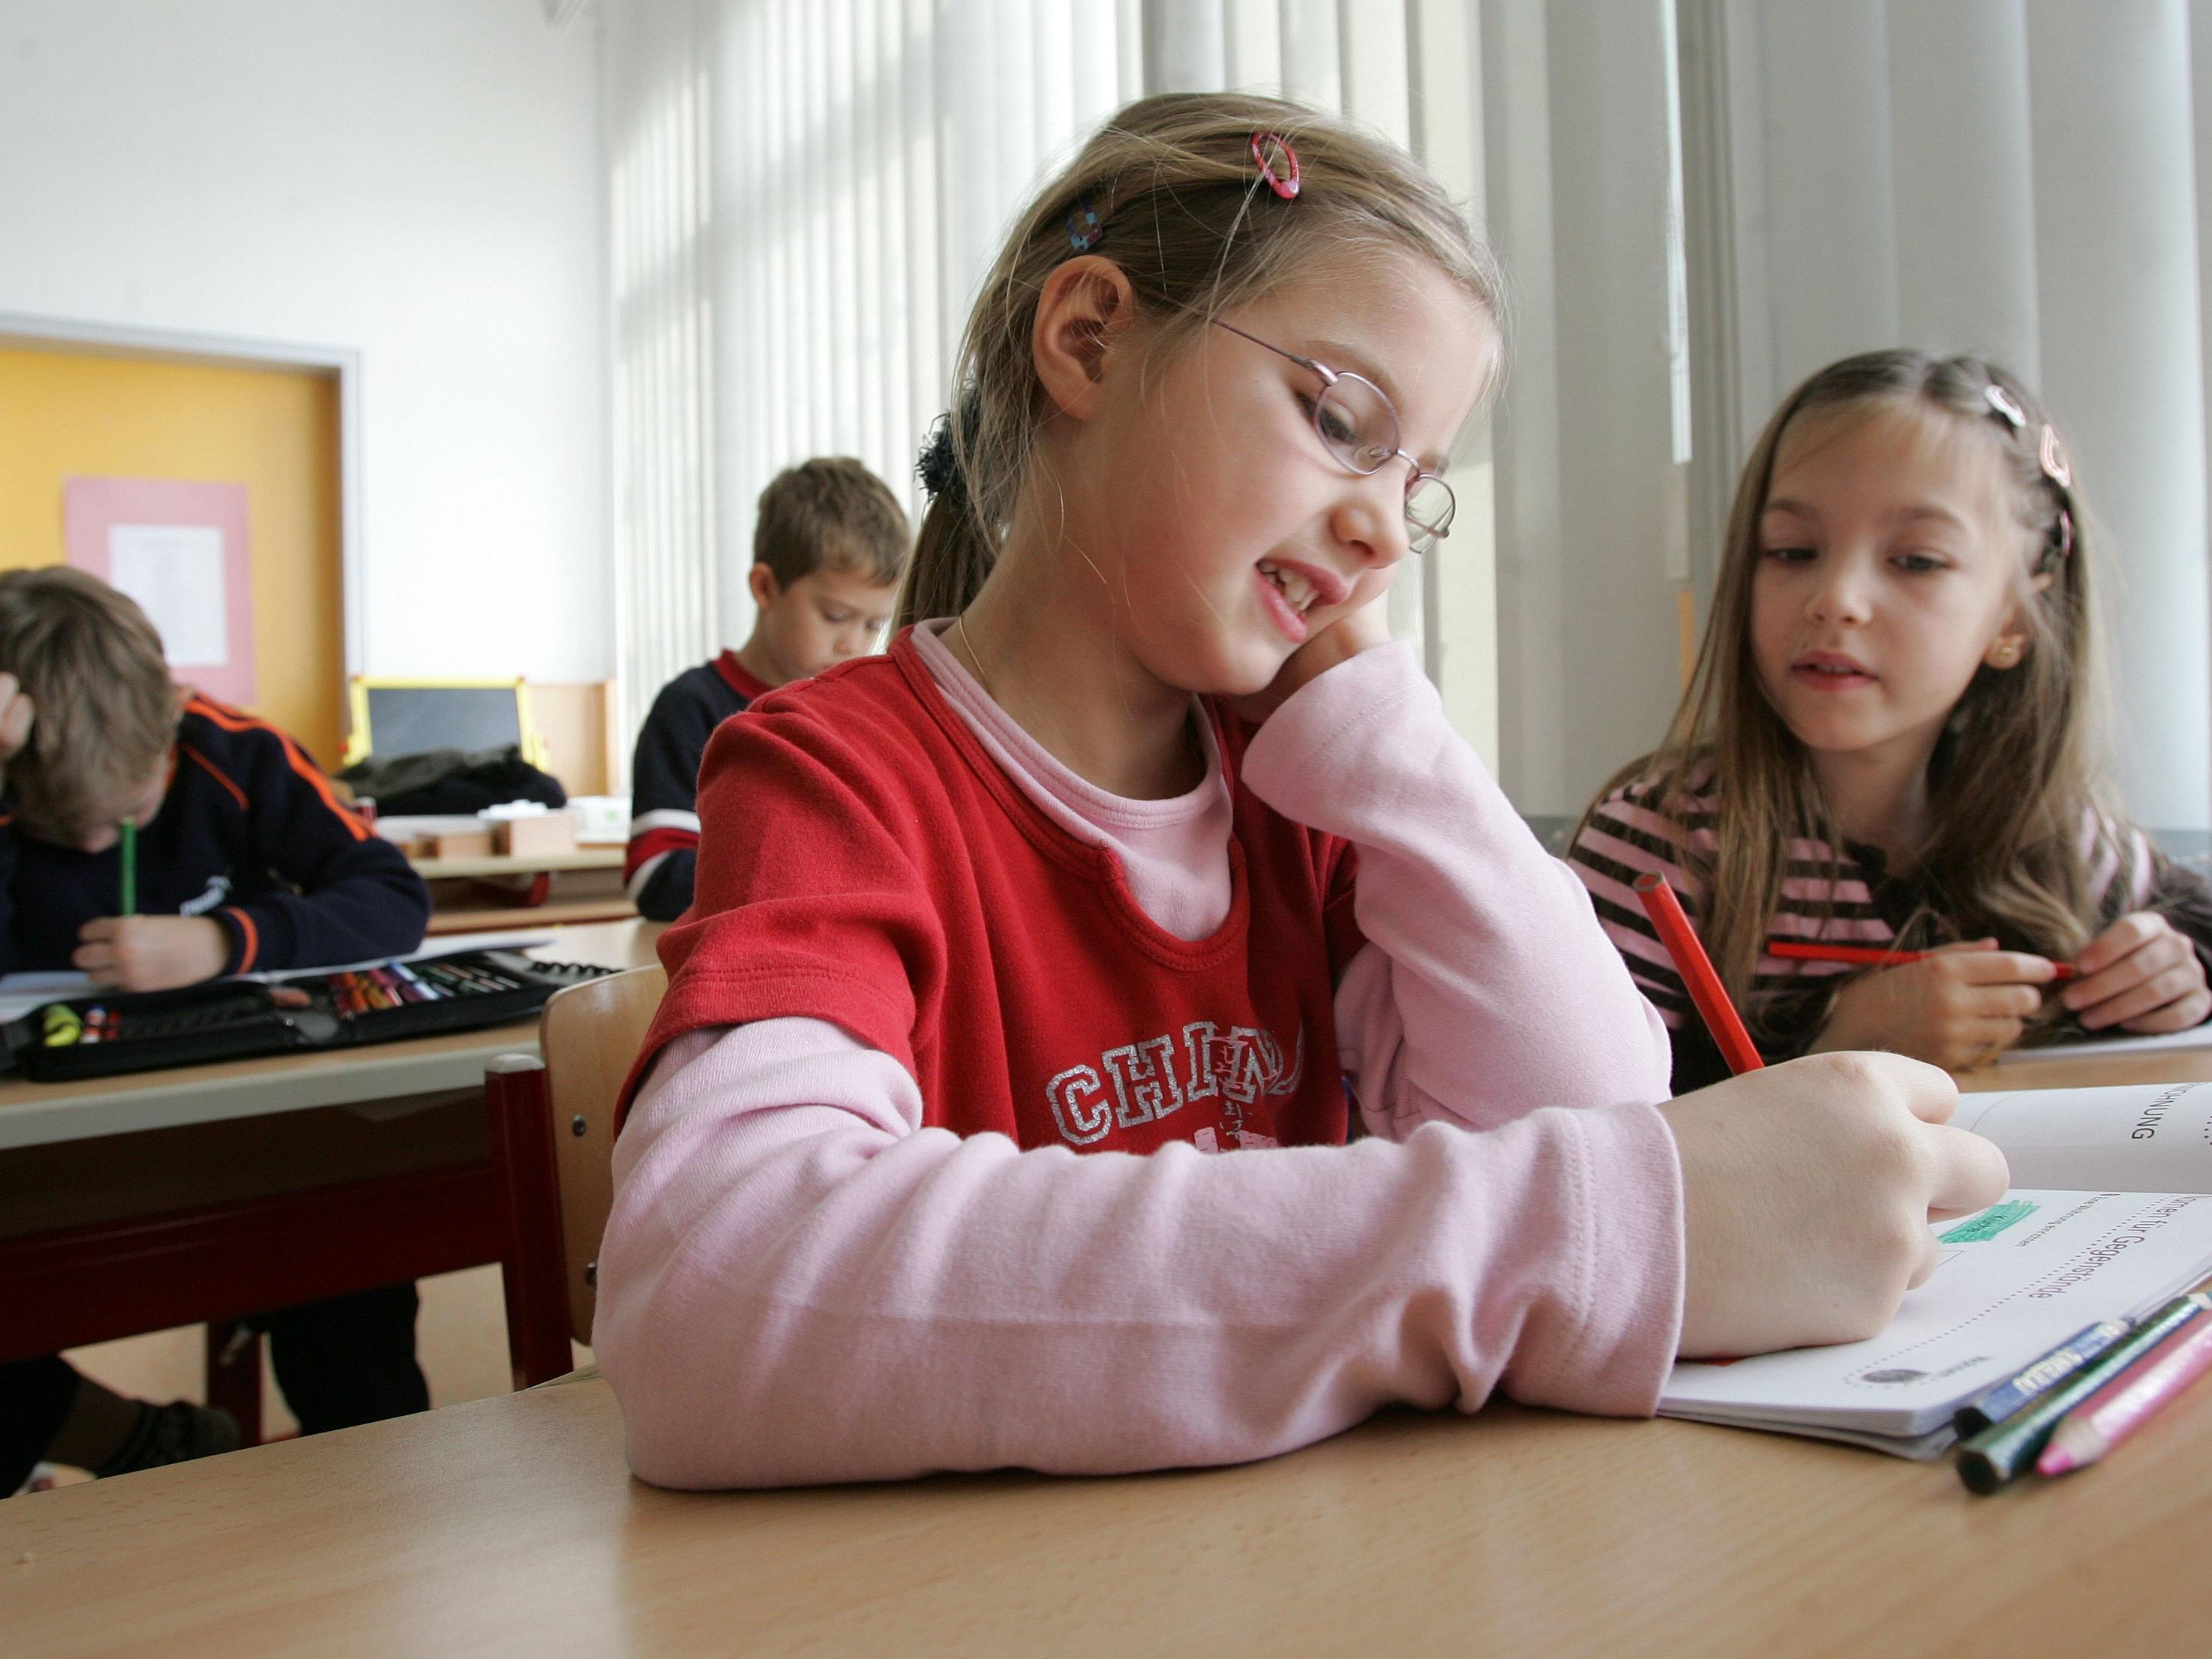 Die Gemeinsame Schule könnte die AHS-Unterstufe ablösen.